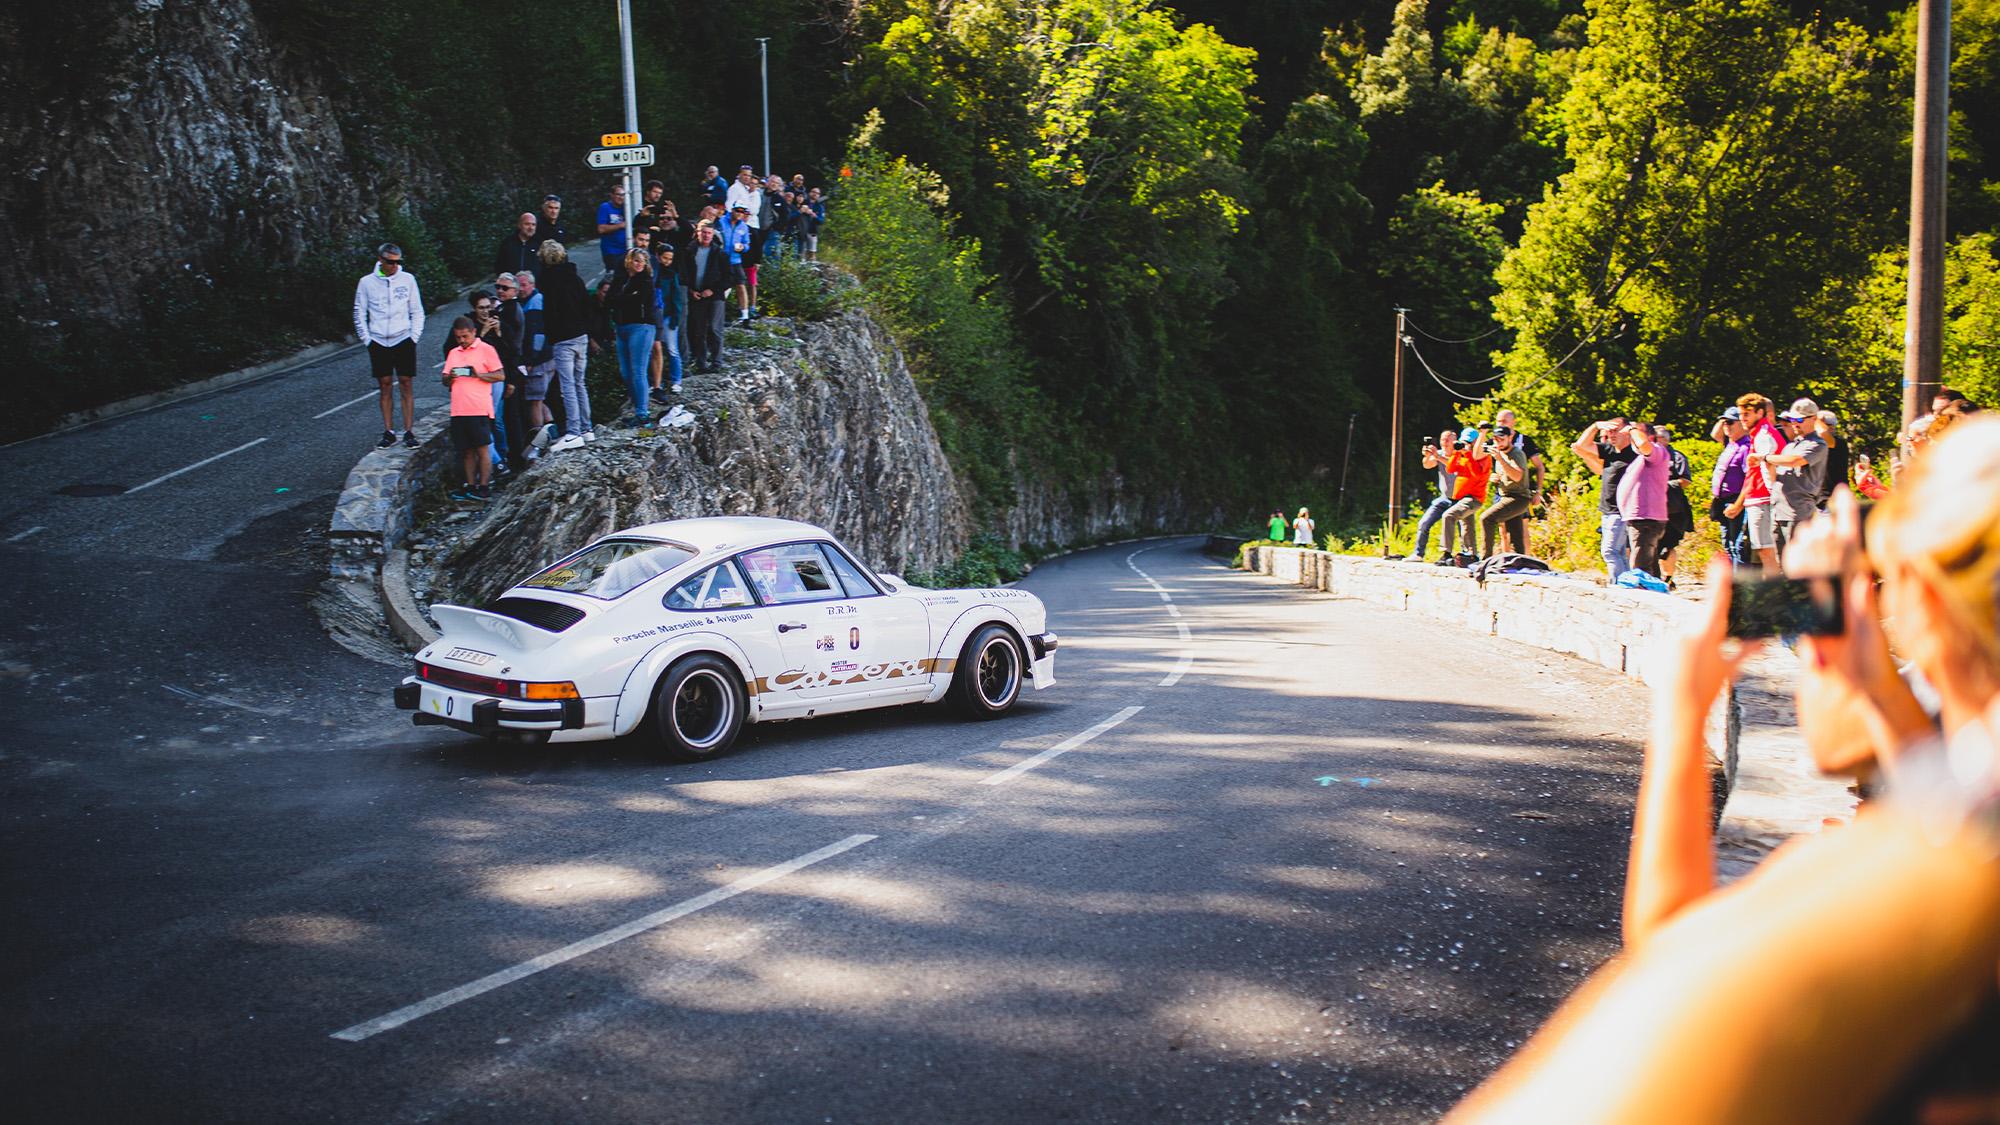 Porsche 911 SC of Bernard Beguin at hairpin